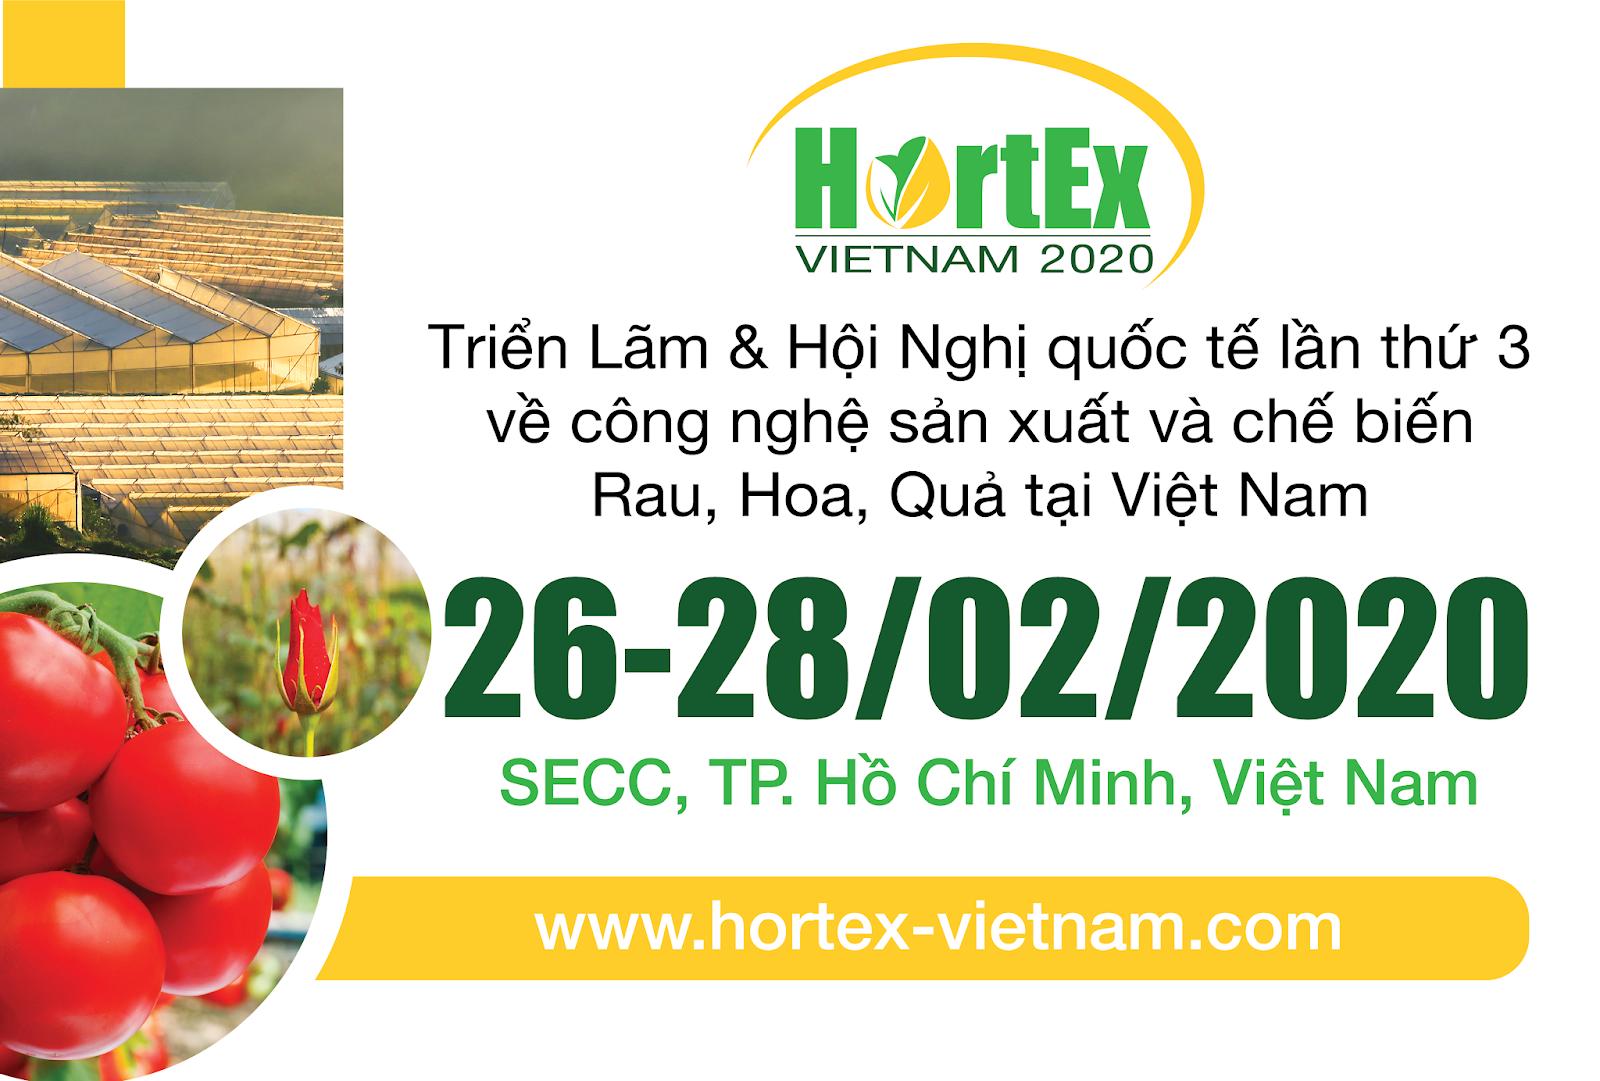 HortEx Vietnam 2020 - Triển lãm & hội nghị quốc tế lần thứ 3 về công nghệ sản xuất và chế biến Rau, Hoa, Quả tại Việt Nam  đã chính thức khởi động!